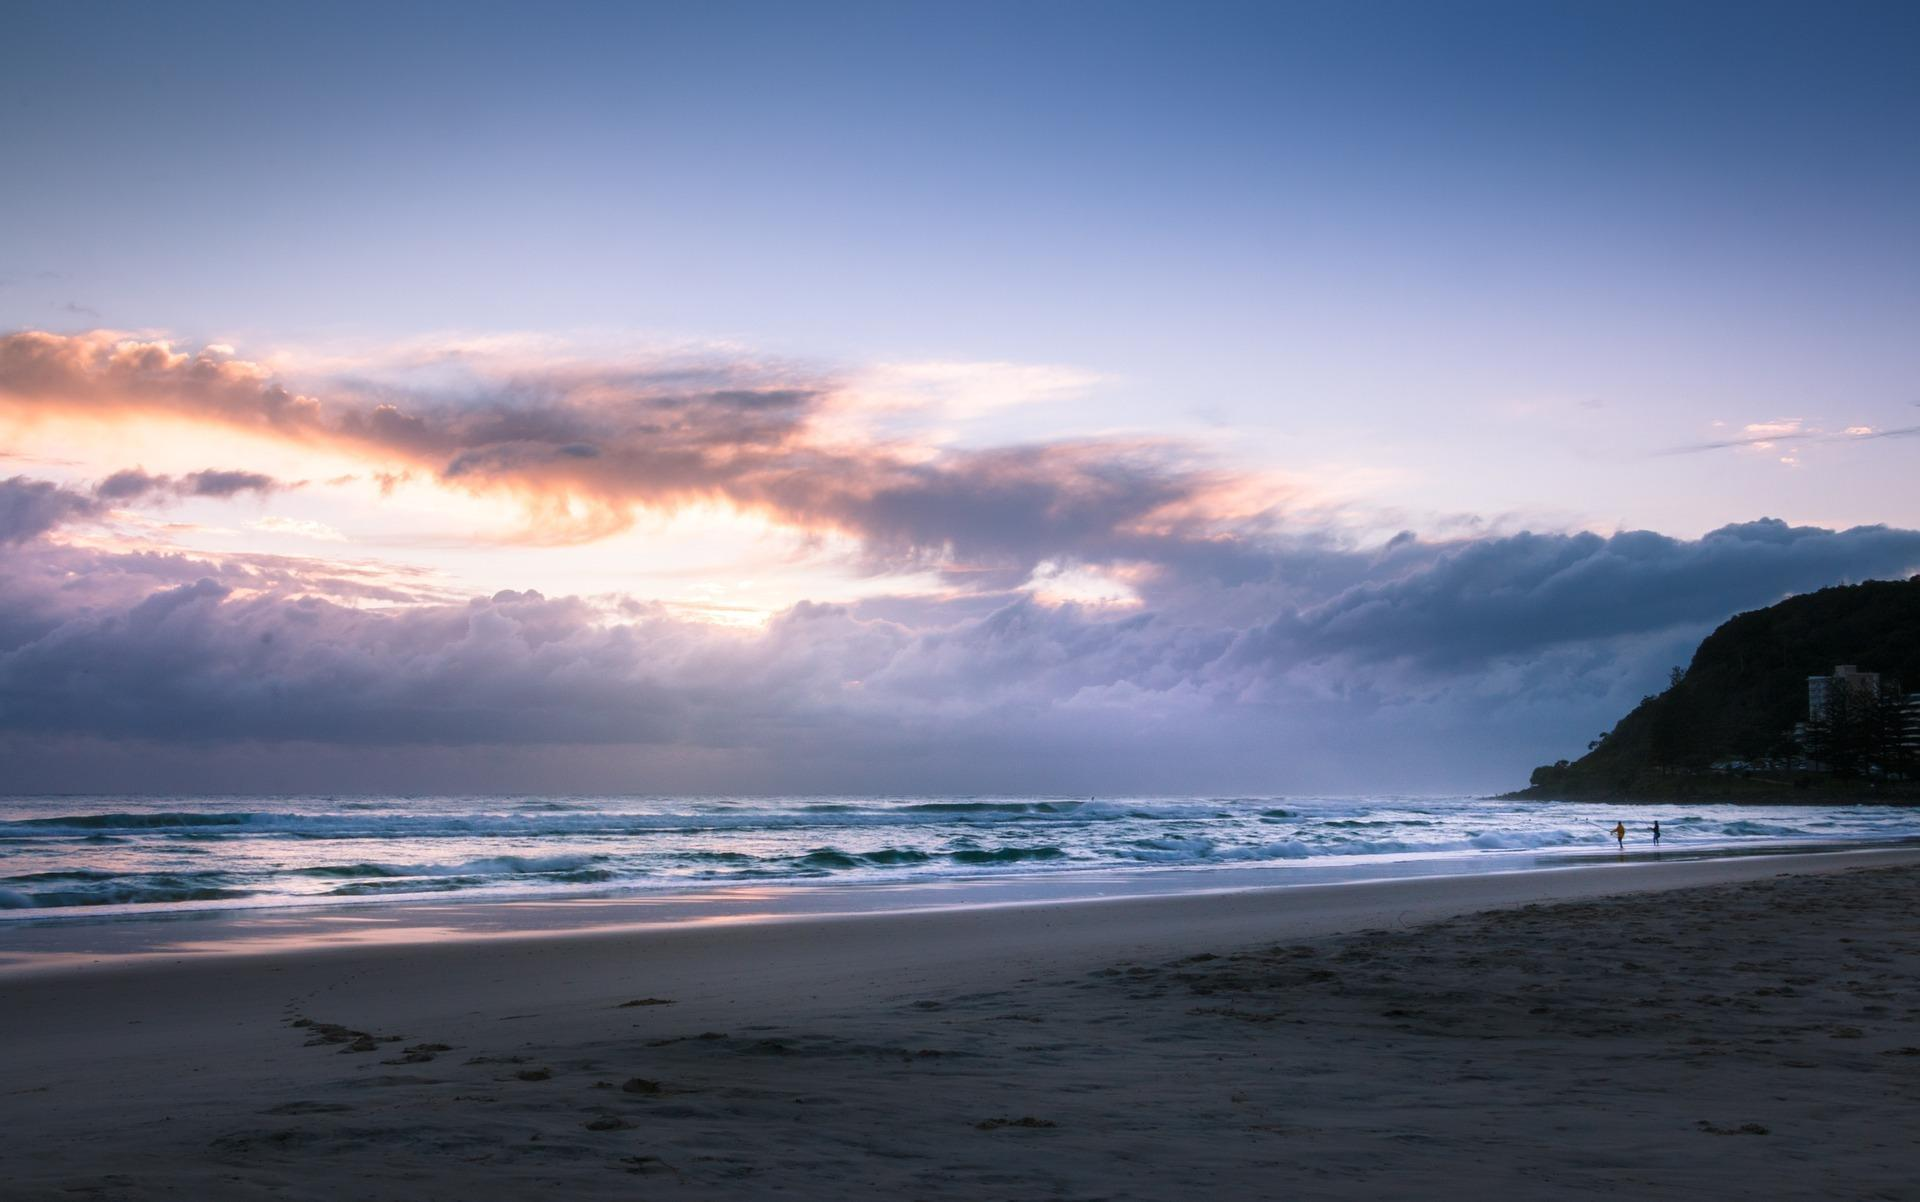 Burleigh Heads National Park, Gold Coast